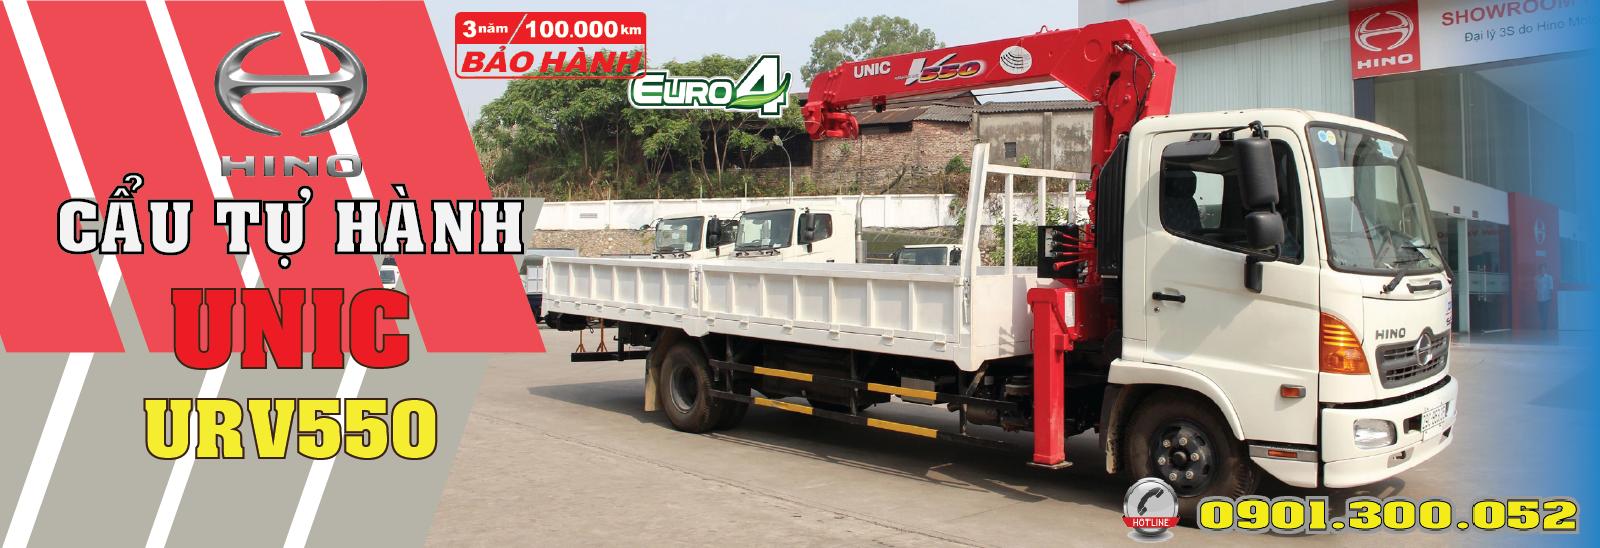 Hino gắn cẩu unic urv550 5 tấn